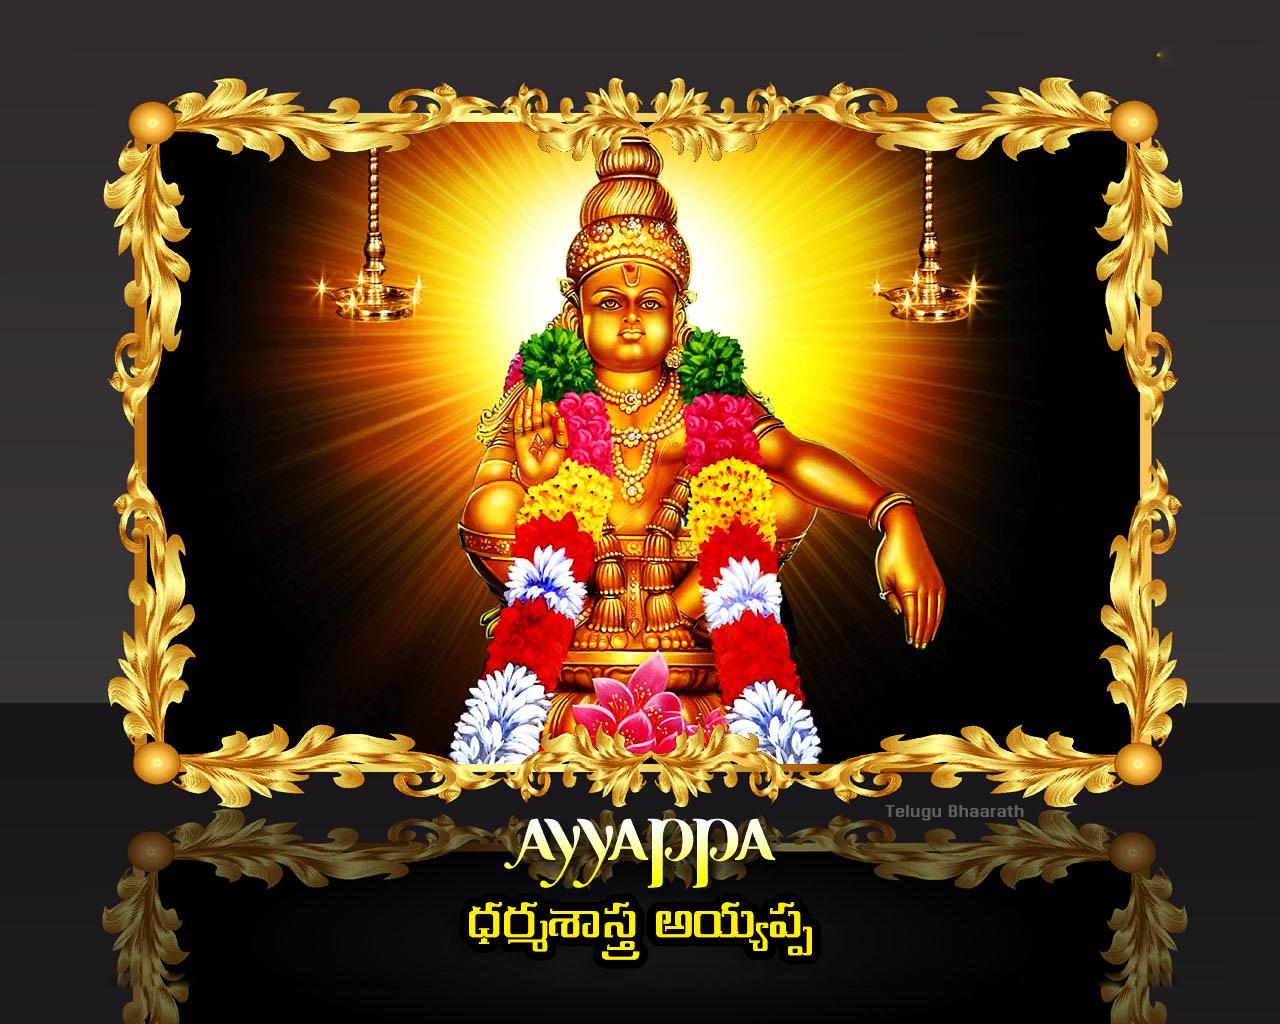 హరిహర సుతనే ధర్మశాస్త్ర అయ్యప్ప - Harihara Sutane Dharmasastra Ayyappa